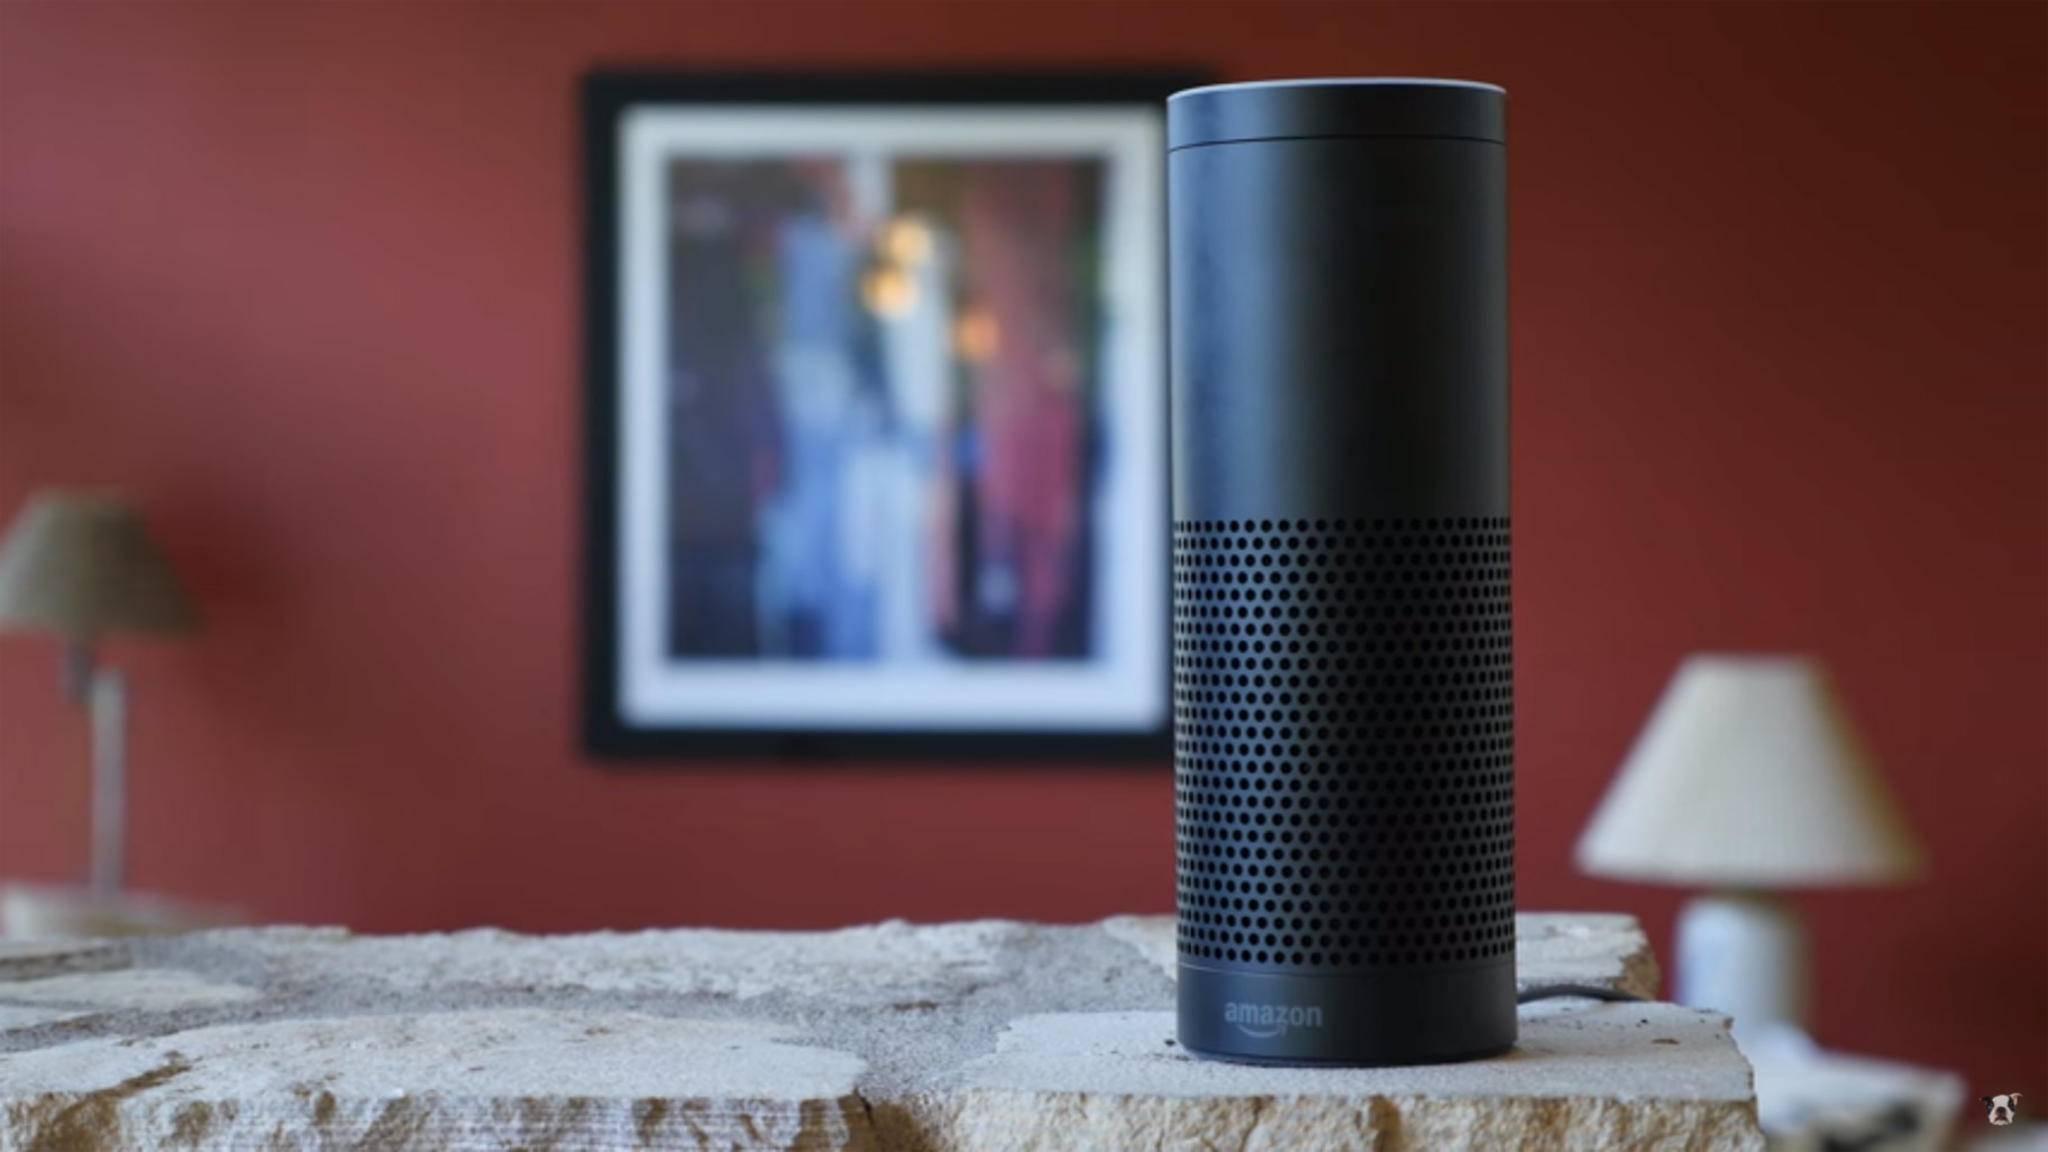 Ab dem 17. Dezember spielen Amazon-Echo-Geräte auch Apple Music.